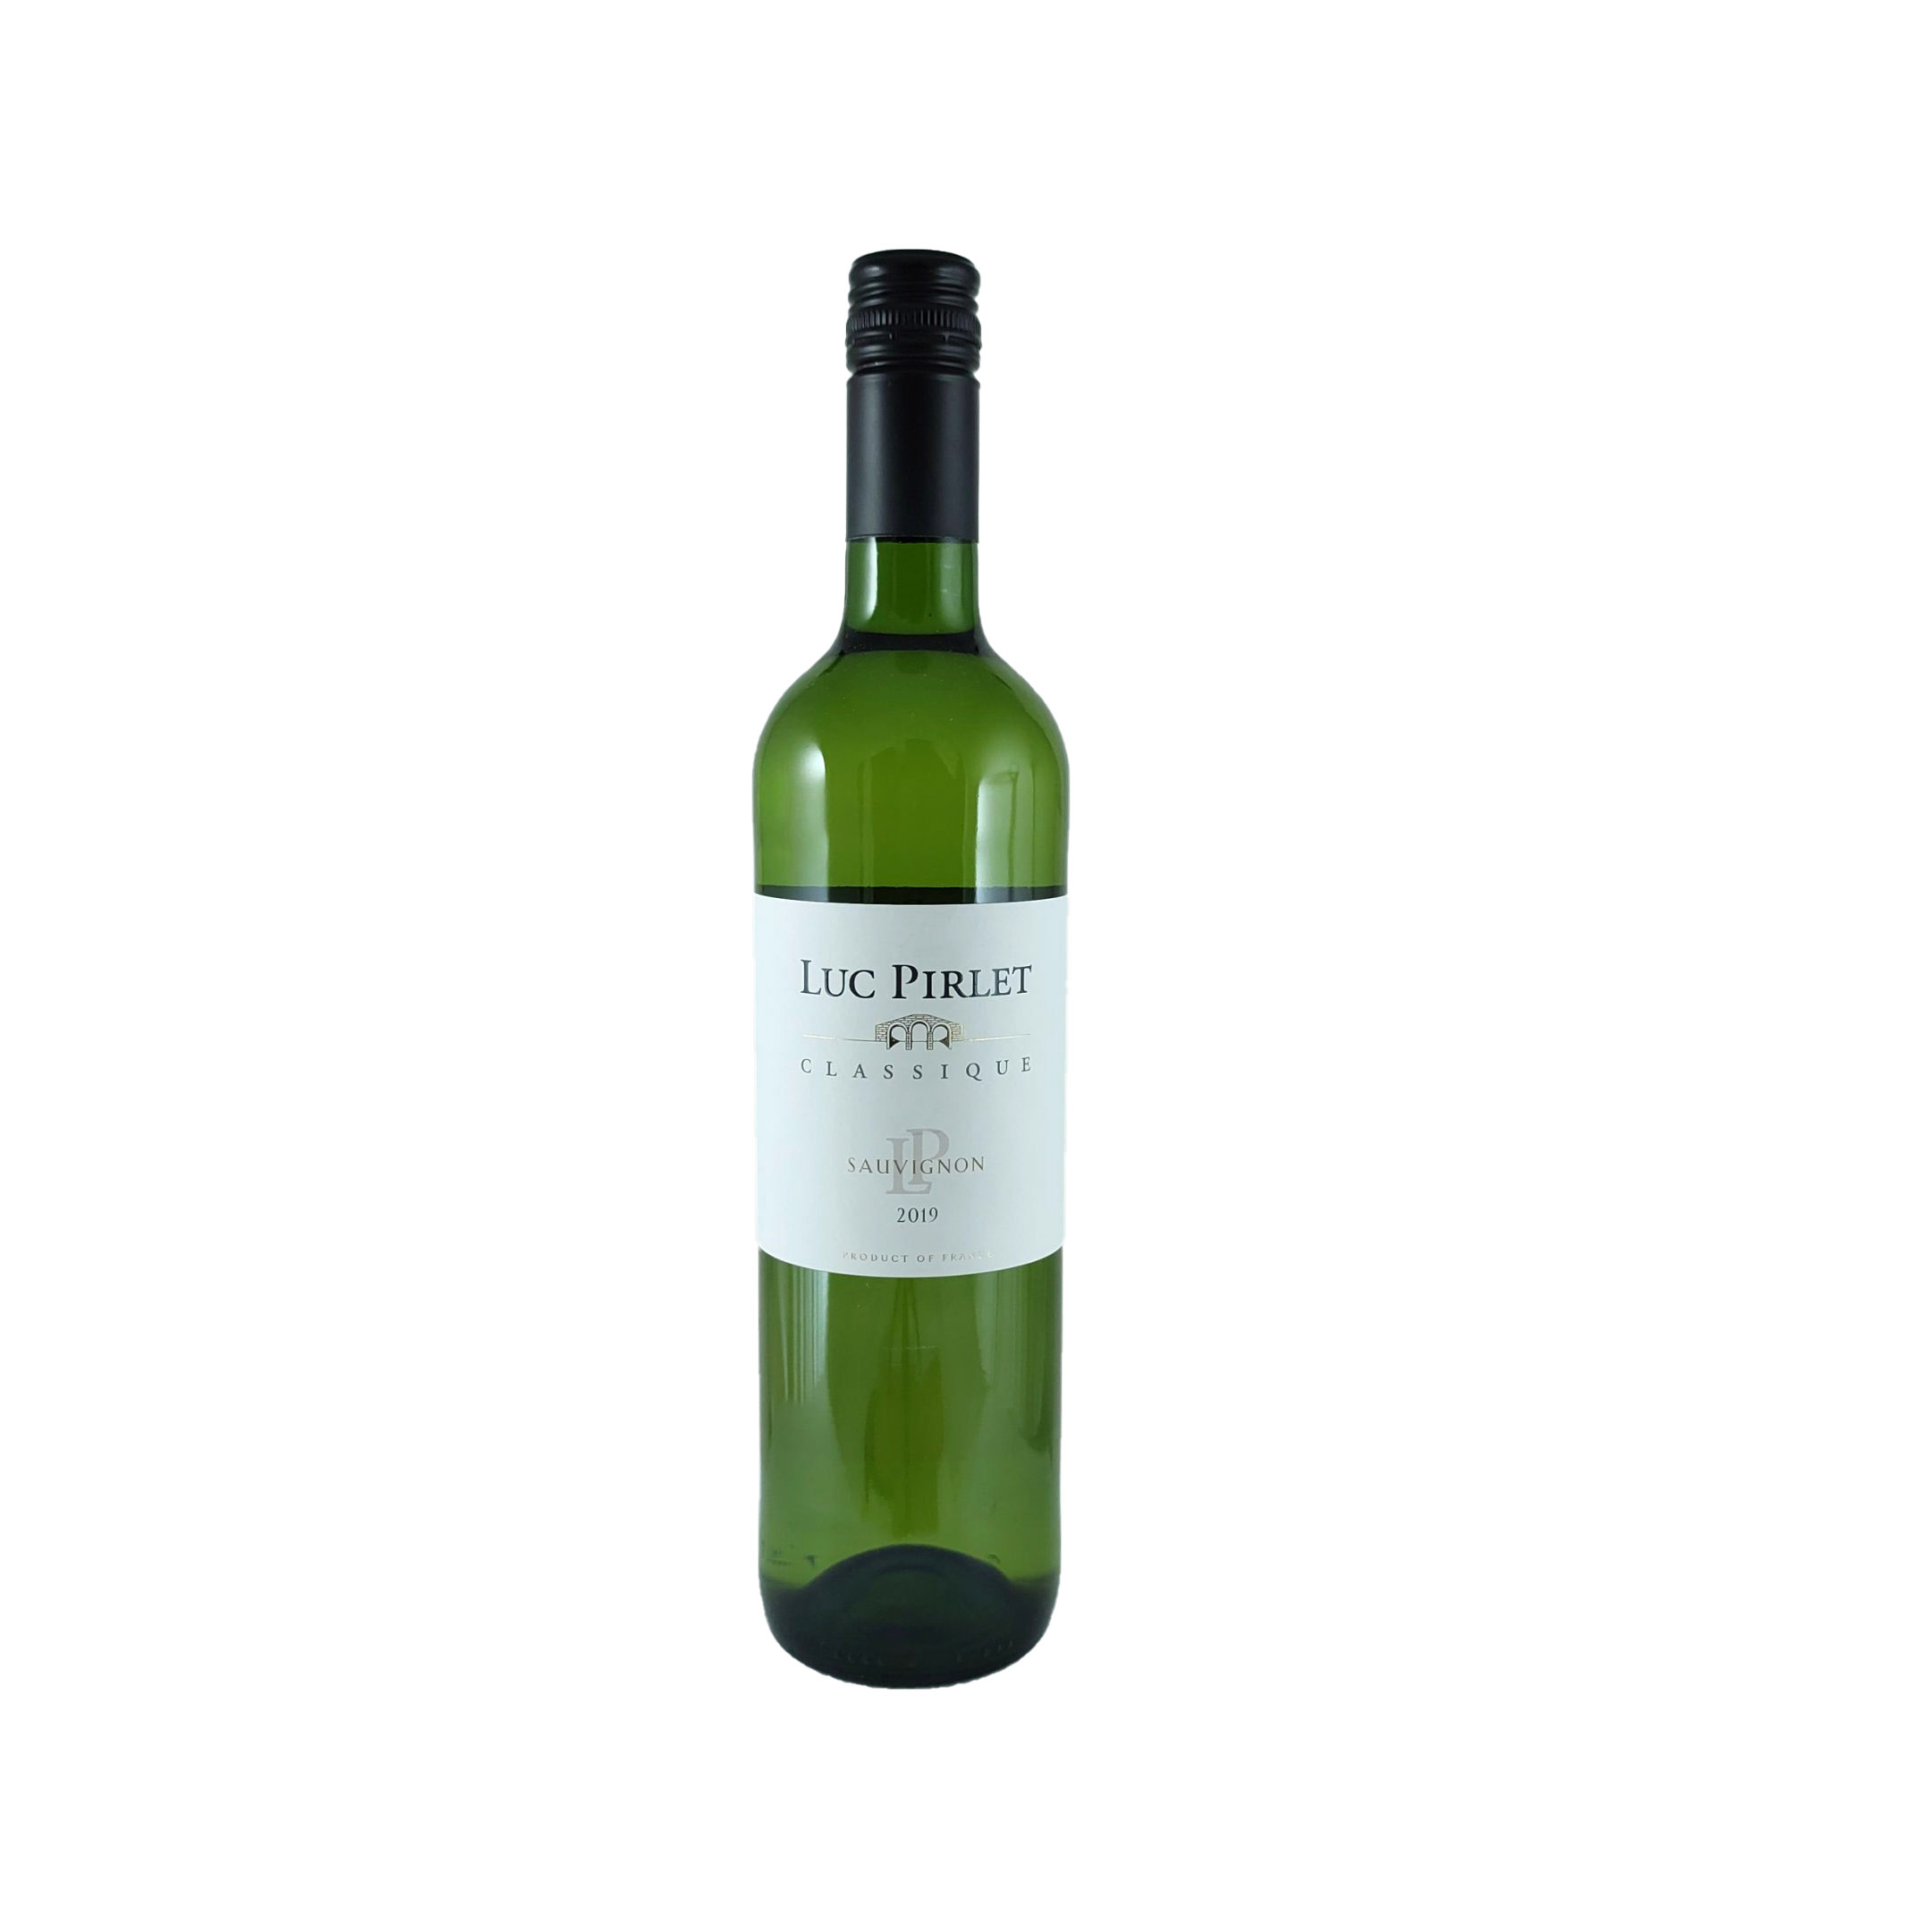 Luc Pirlet – Sauvignon Blanc Classique 2019